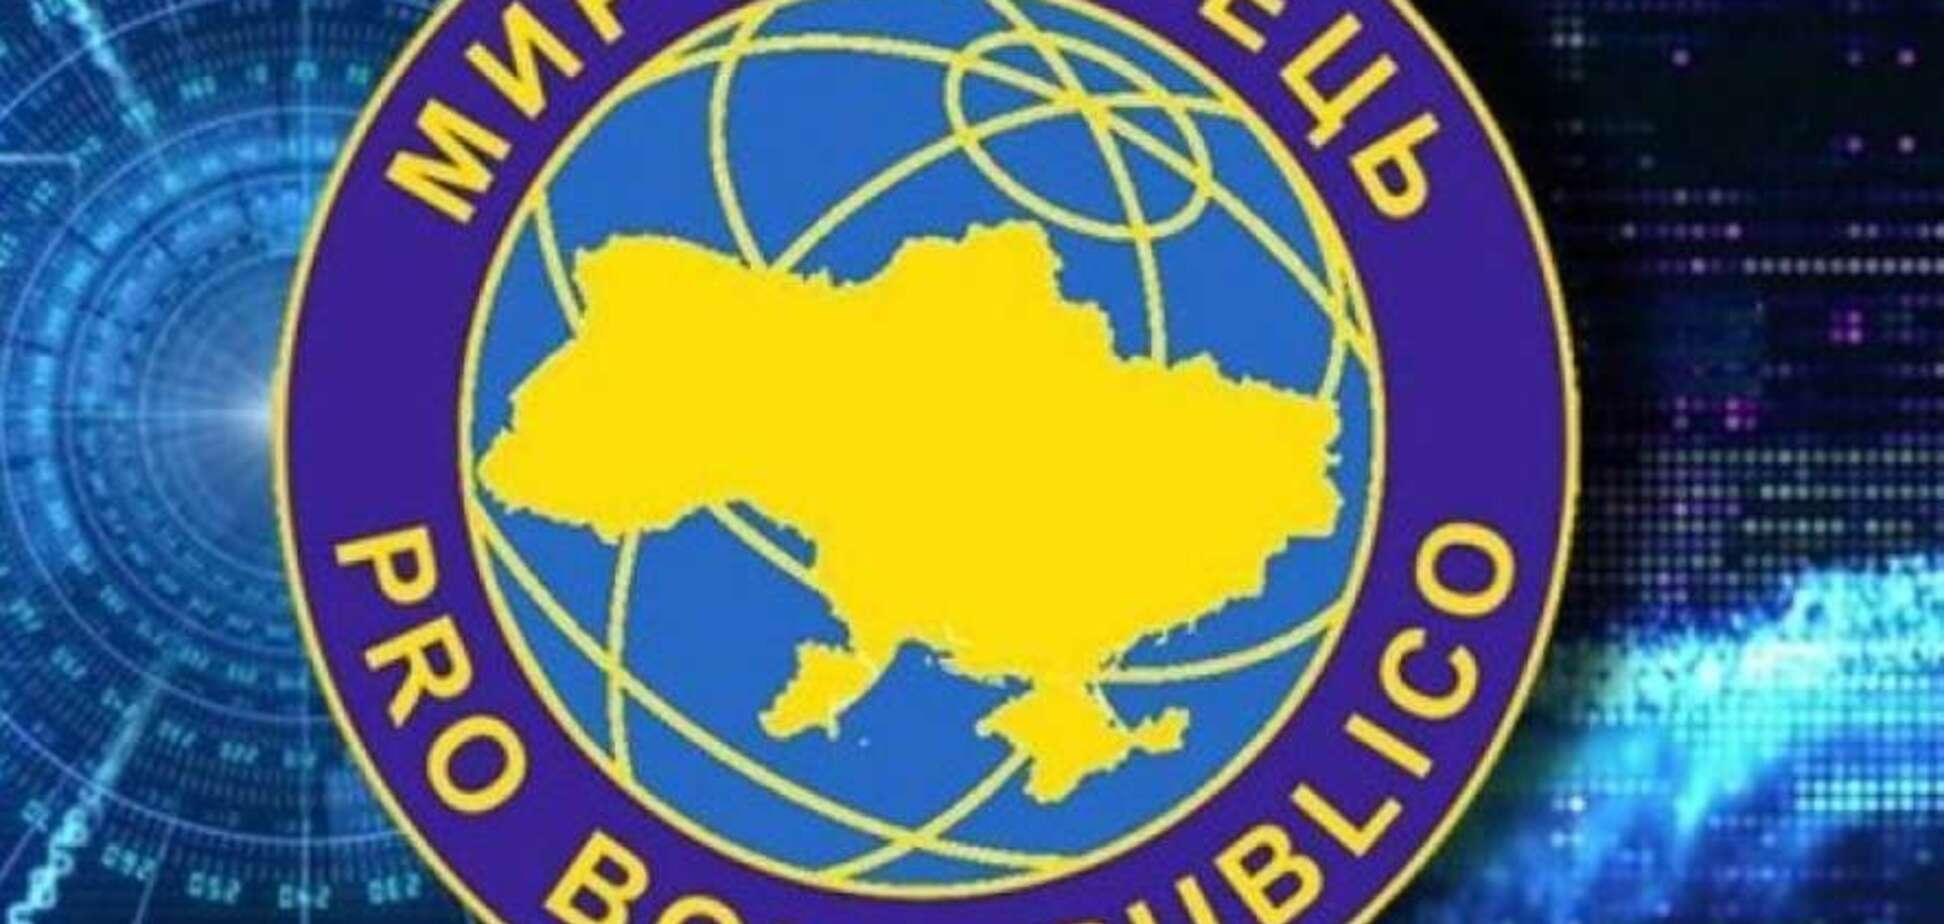 'Інструмент залякування українців': Німеччина зажадала закрити сайт 'Миротворець'